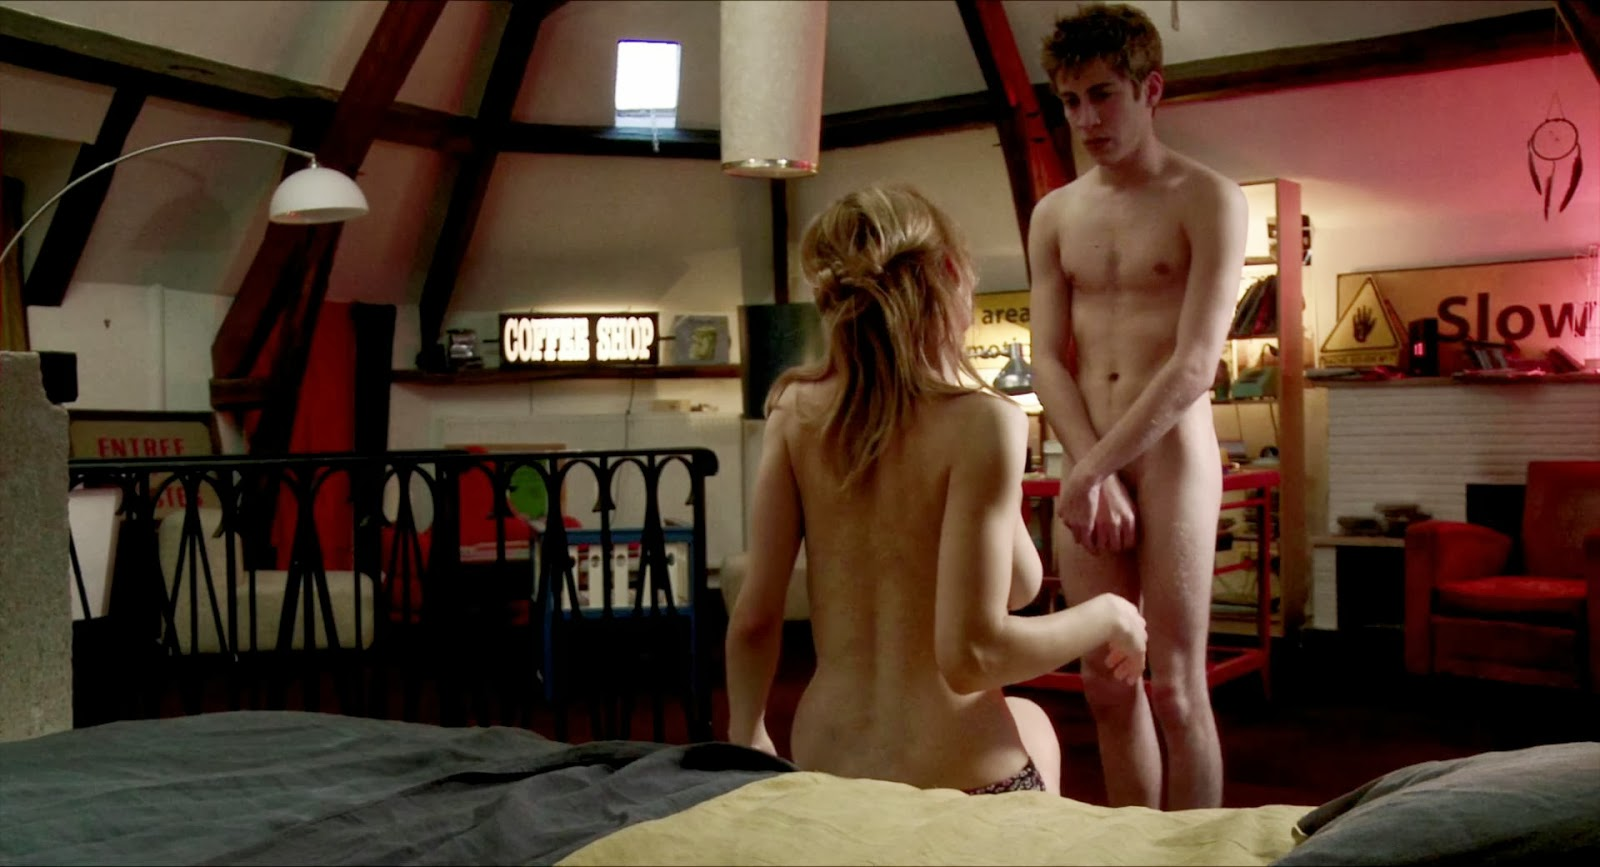 смотреть онлайн фильм молодежные секс звук смеха